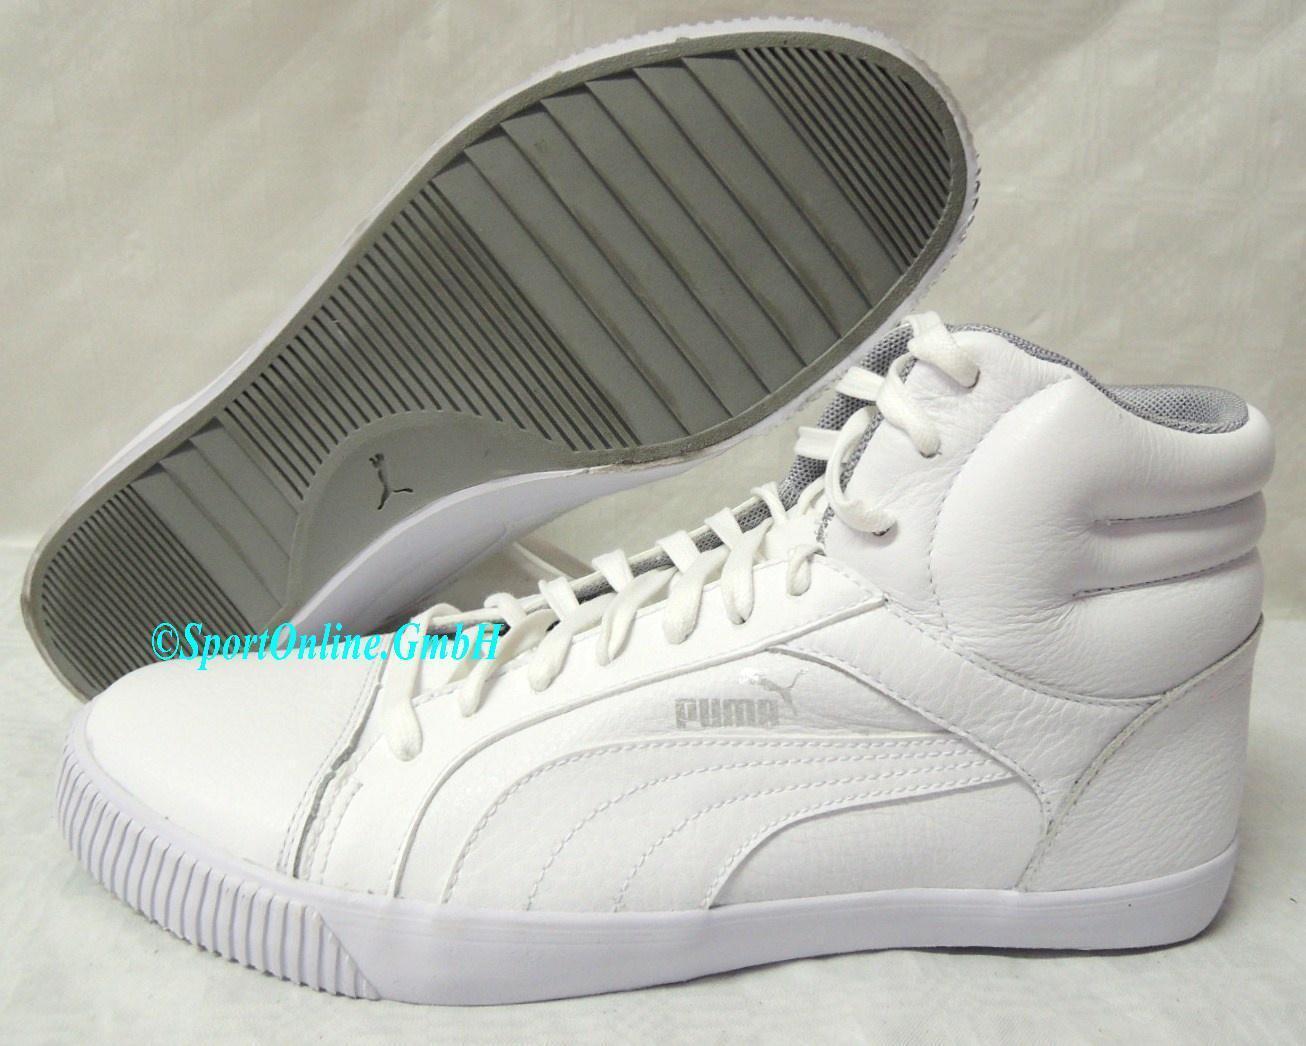 NEU Puma Street Jump Mid Schuhe Hiker 44,5 Herren Leder Schuhe Mid Boots Sneaker 354054-03 6bf0e9